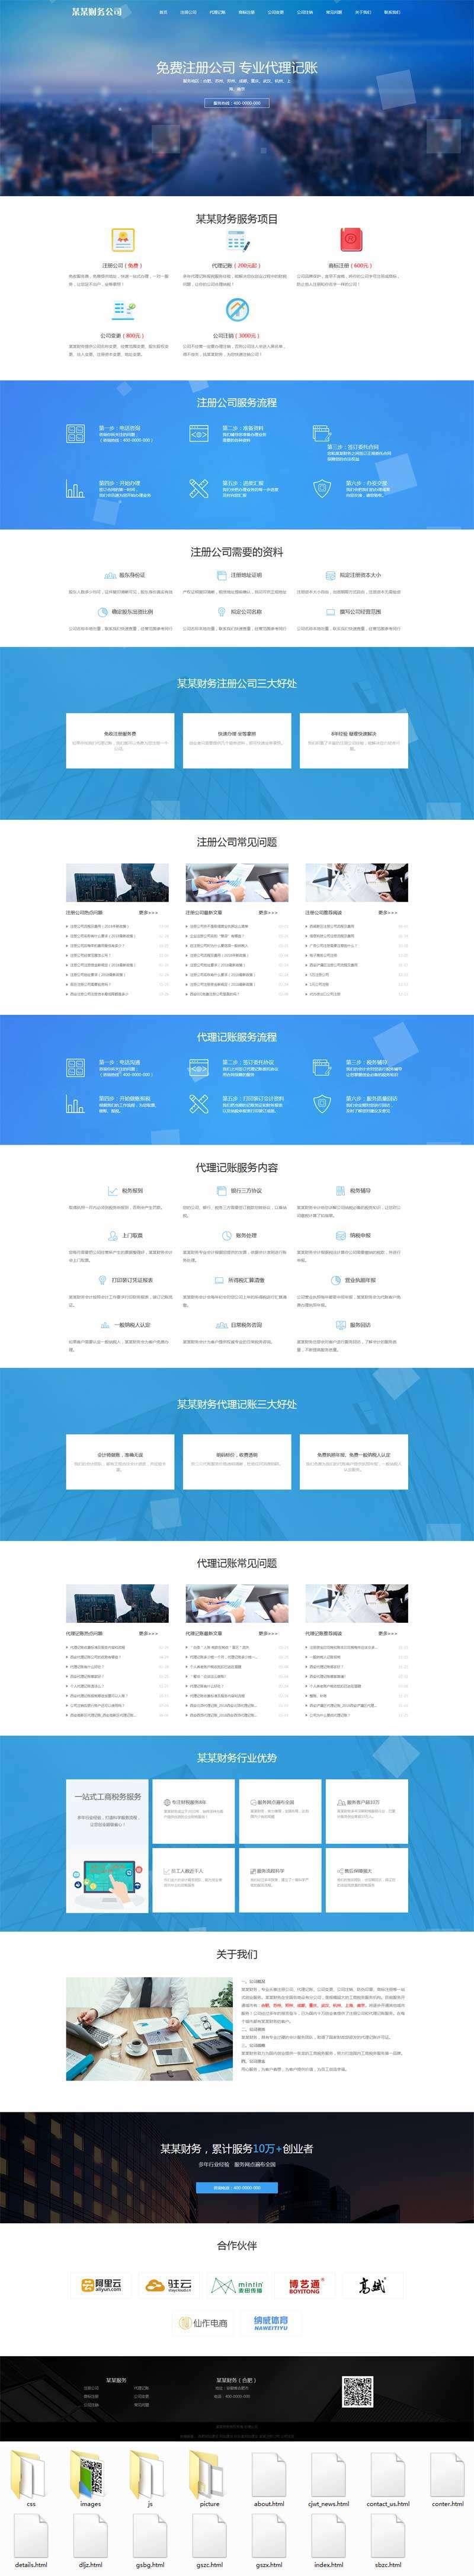 蓝色的工商注册财务服务公司网站html模板